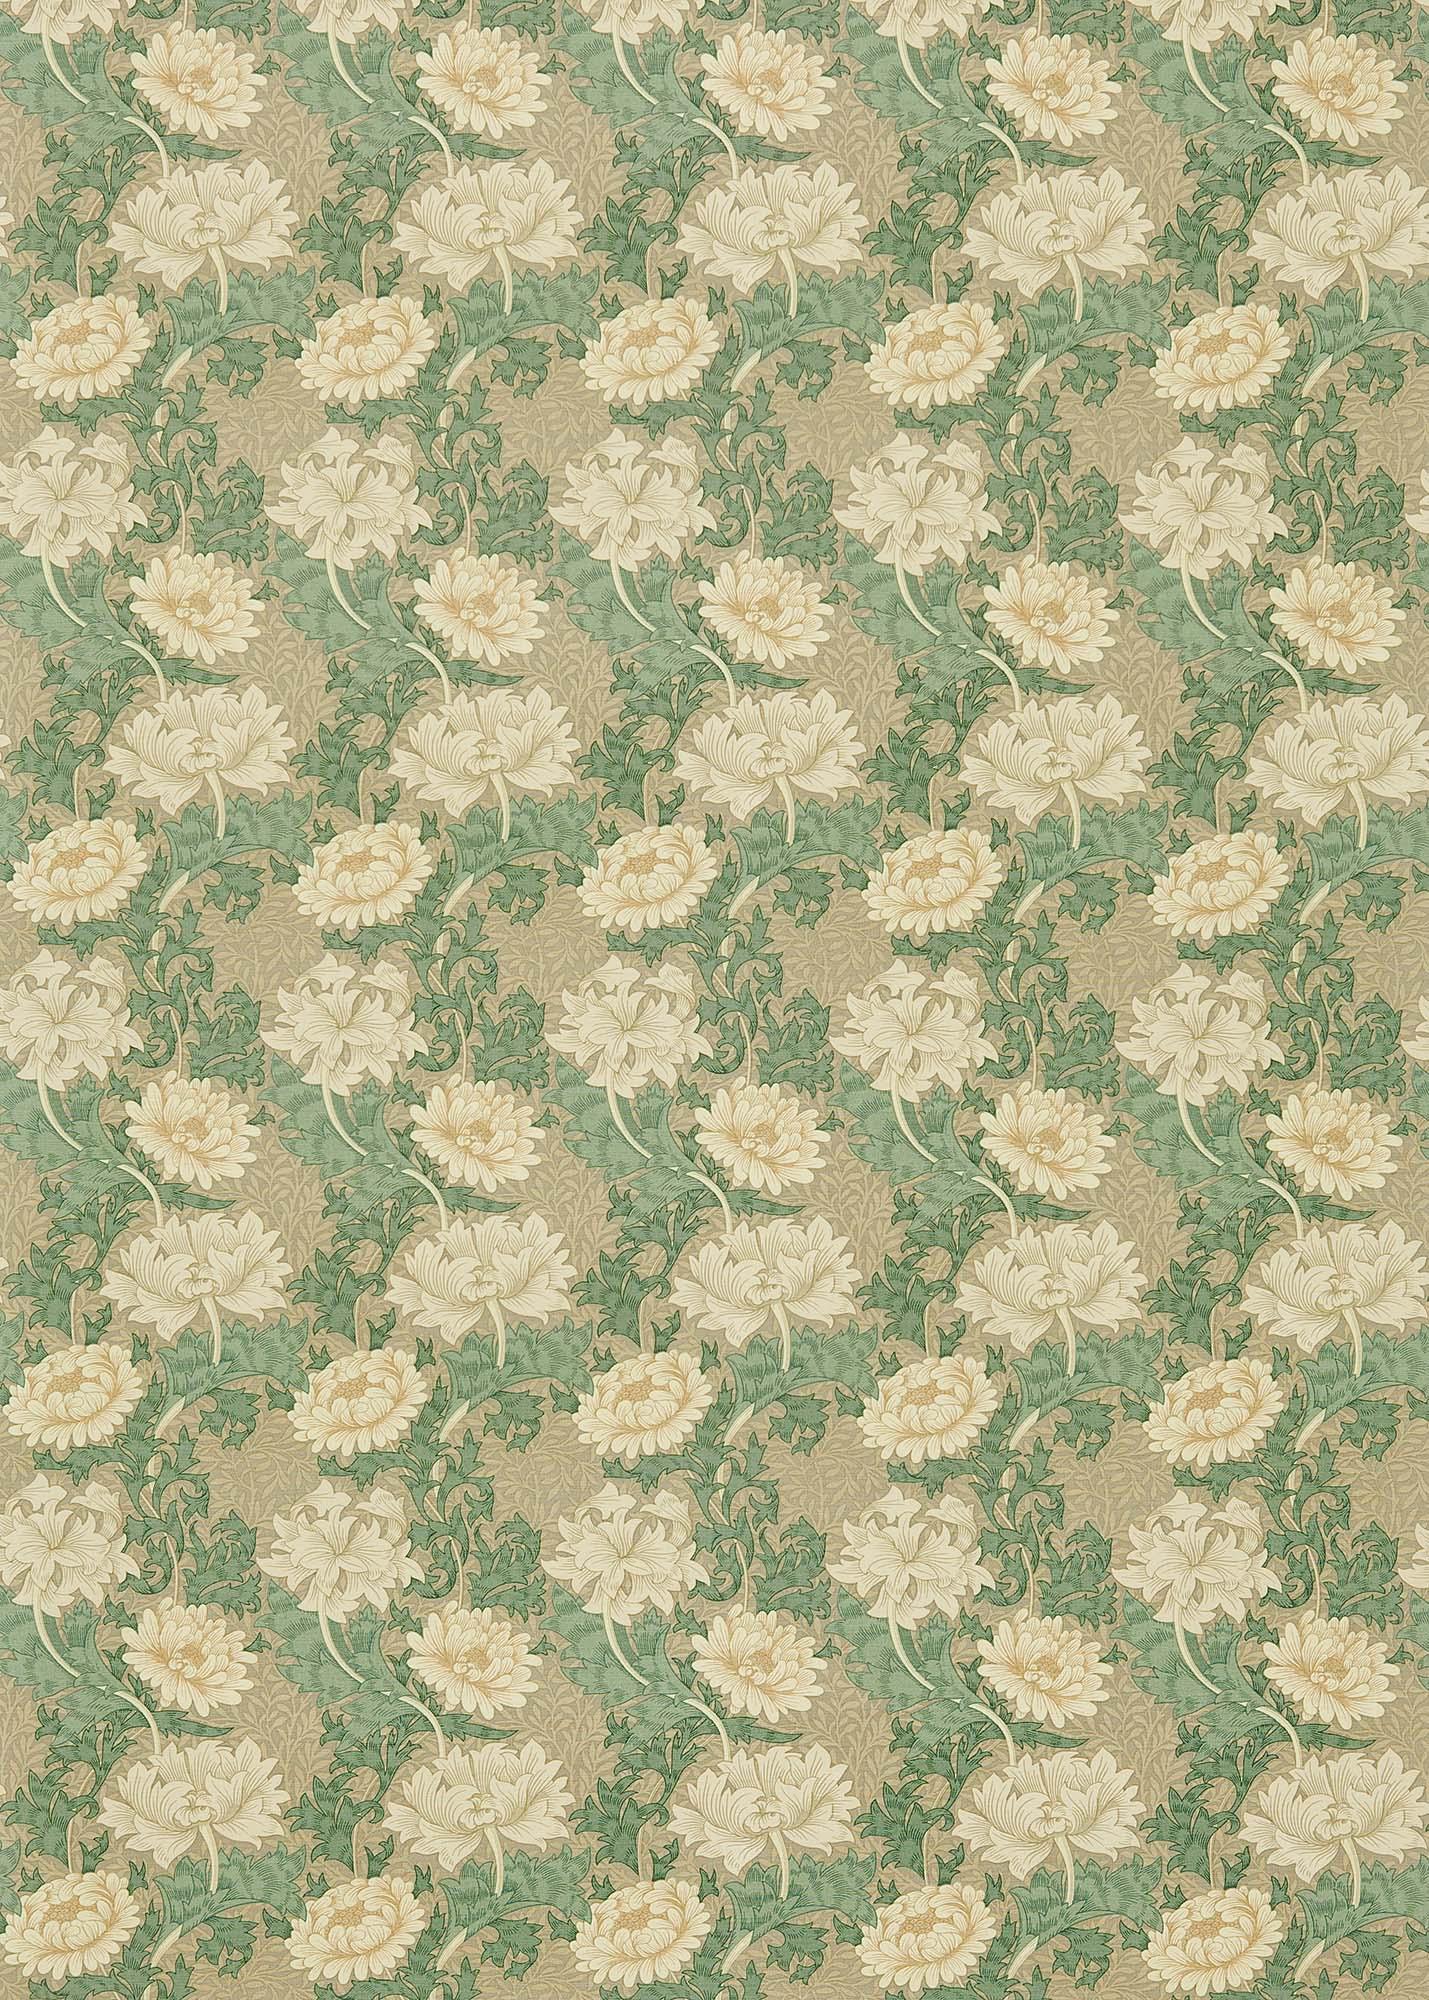 ウィリアムモリス生地 Chrysanthemum PR-7612-6